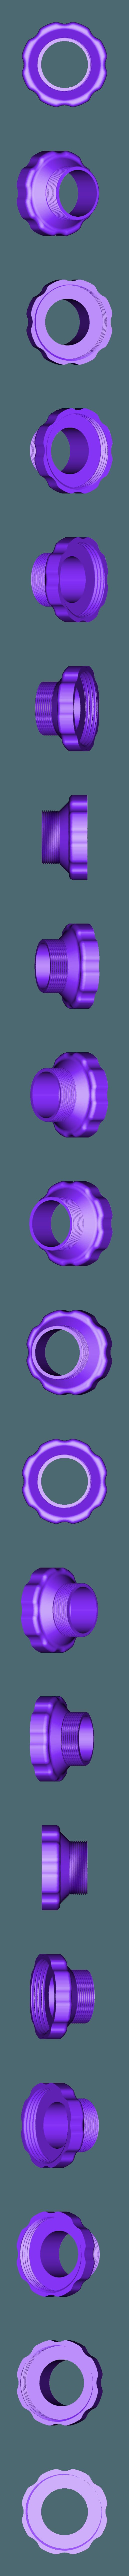 IntexPoolAdapter.stl Télécharger fichier STL gratuit Adaptateur Intex Pool pour le nettoyeur de piscines • Plan imprimable en 3D, RT3DWorkshop